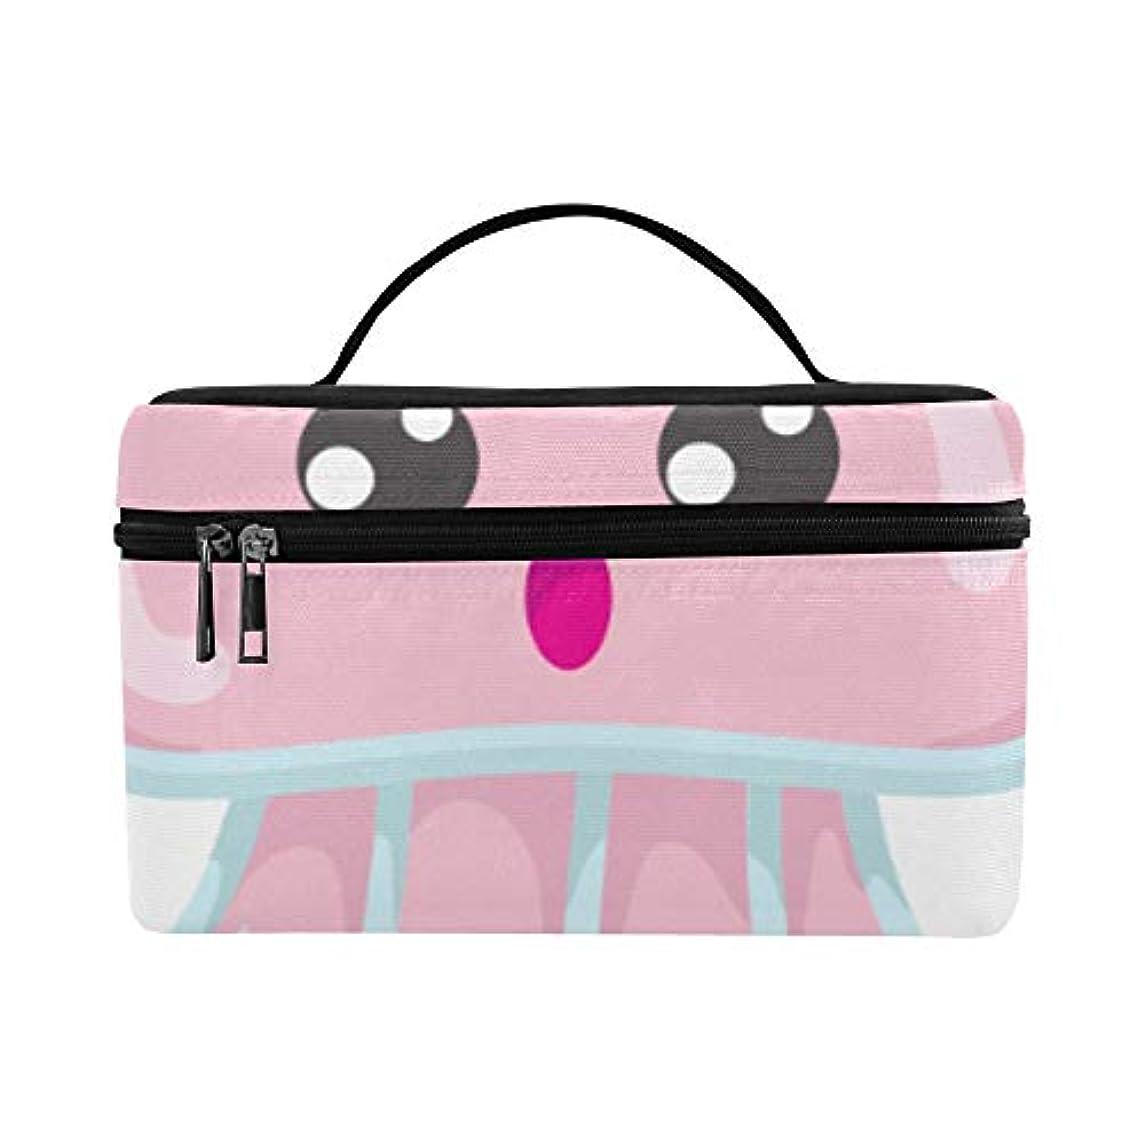 遺産なのでセッションXHQZJ メイクボックス かわいい クラゲ コスメ収納 化粧品収納ケース 大容量 収納ボックス 化粧品入れ 化粧バッグ 旅行用 メイクブラシバッグ 化粧箱 持ち運び便利 プロ用